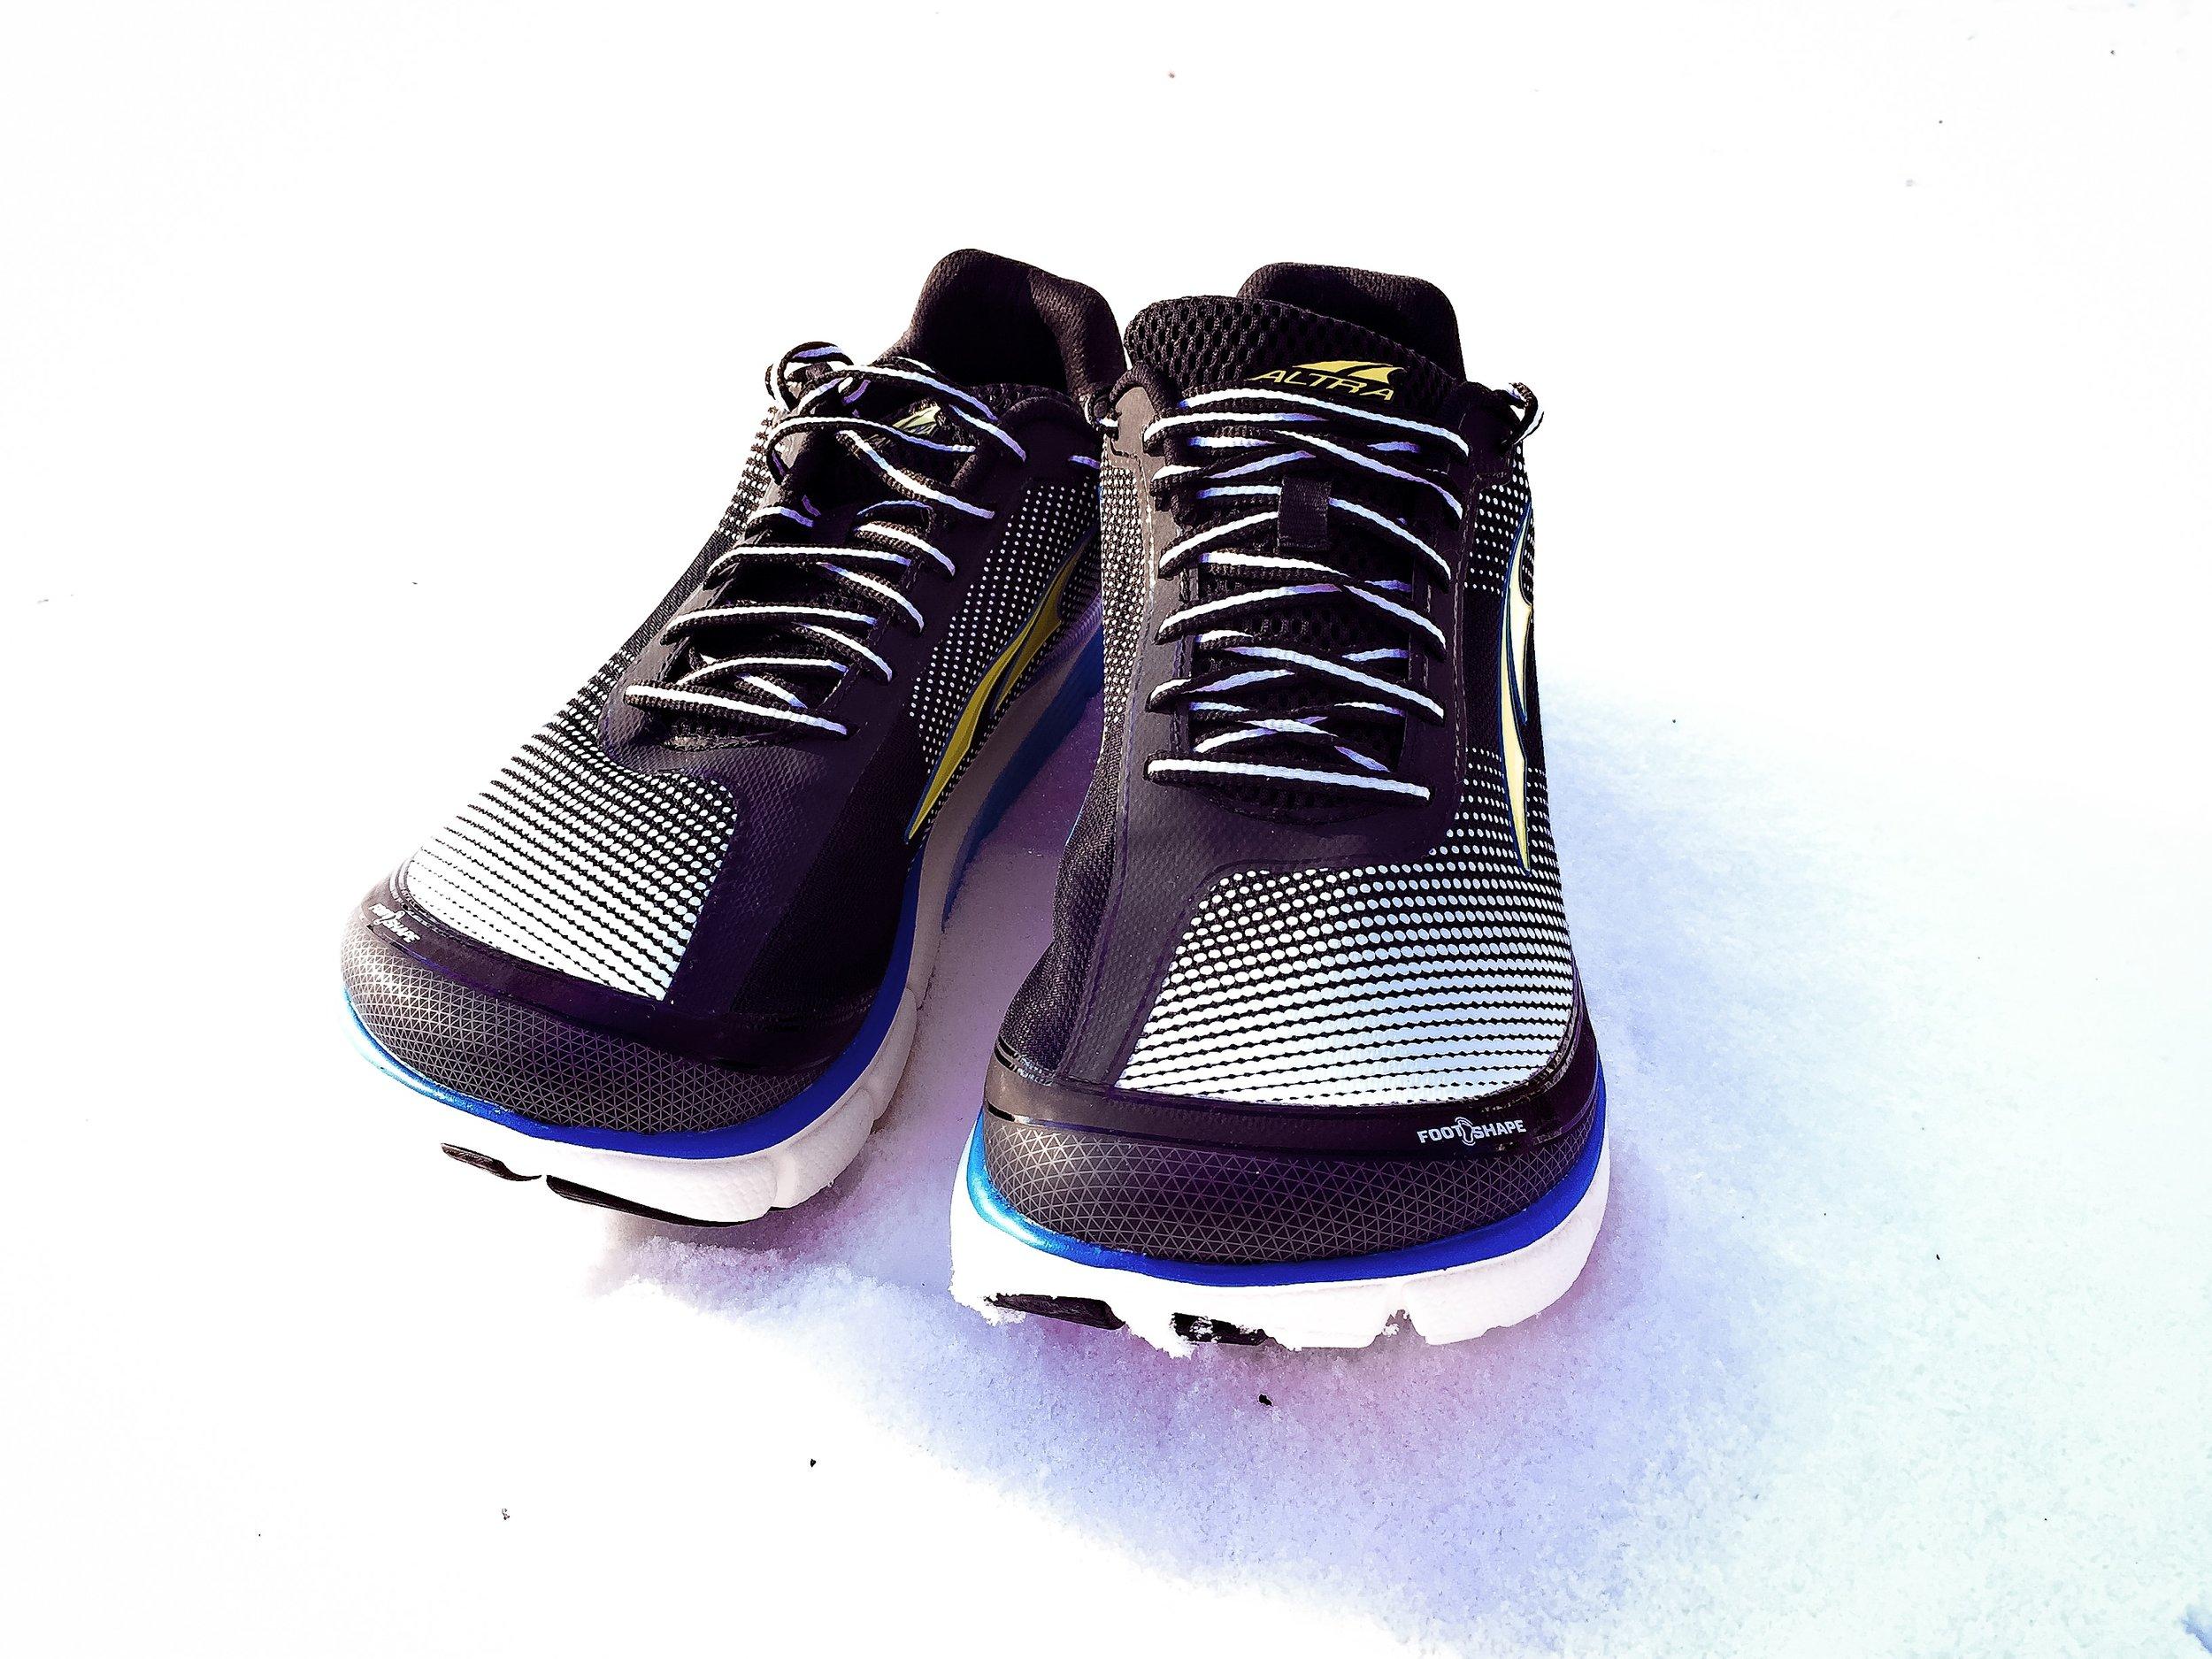 Dessa skor kommer att springa långt...Altra Torin 2.5.